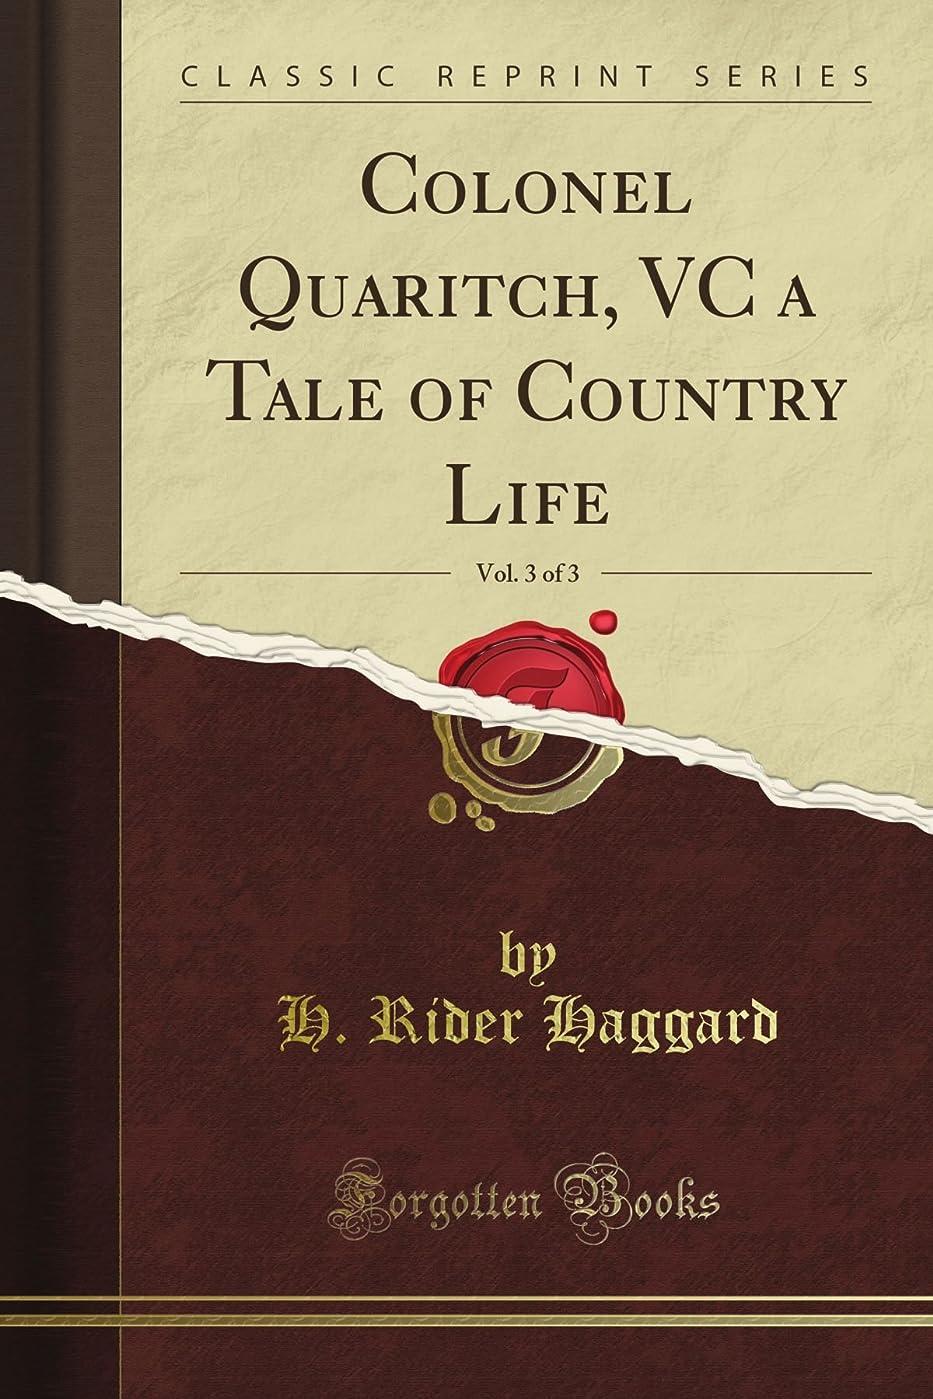 グレートオーク特に放牧するColonel Quaritch, VC a Tale of Country Life, Vol. 3 of 3 (Classic Reprint)